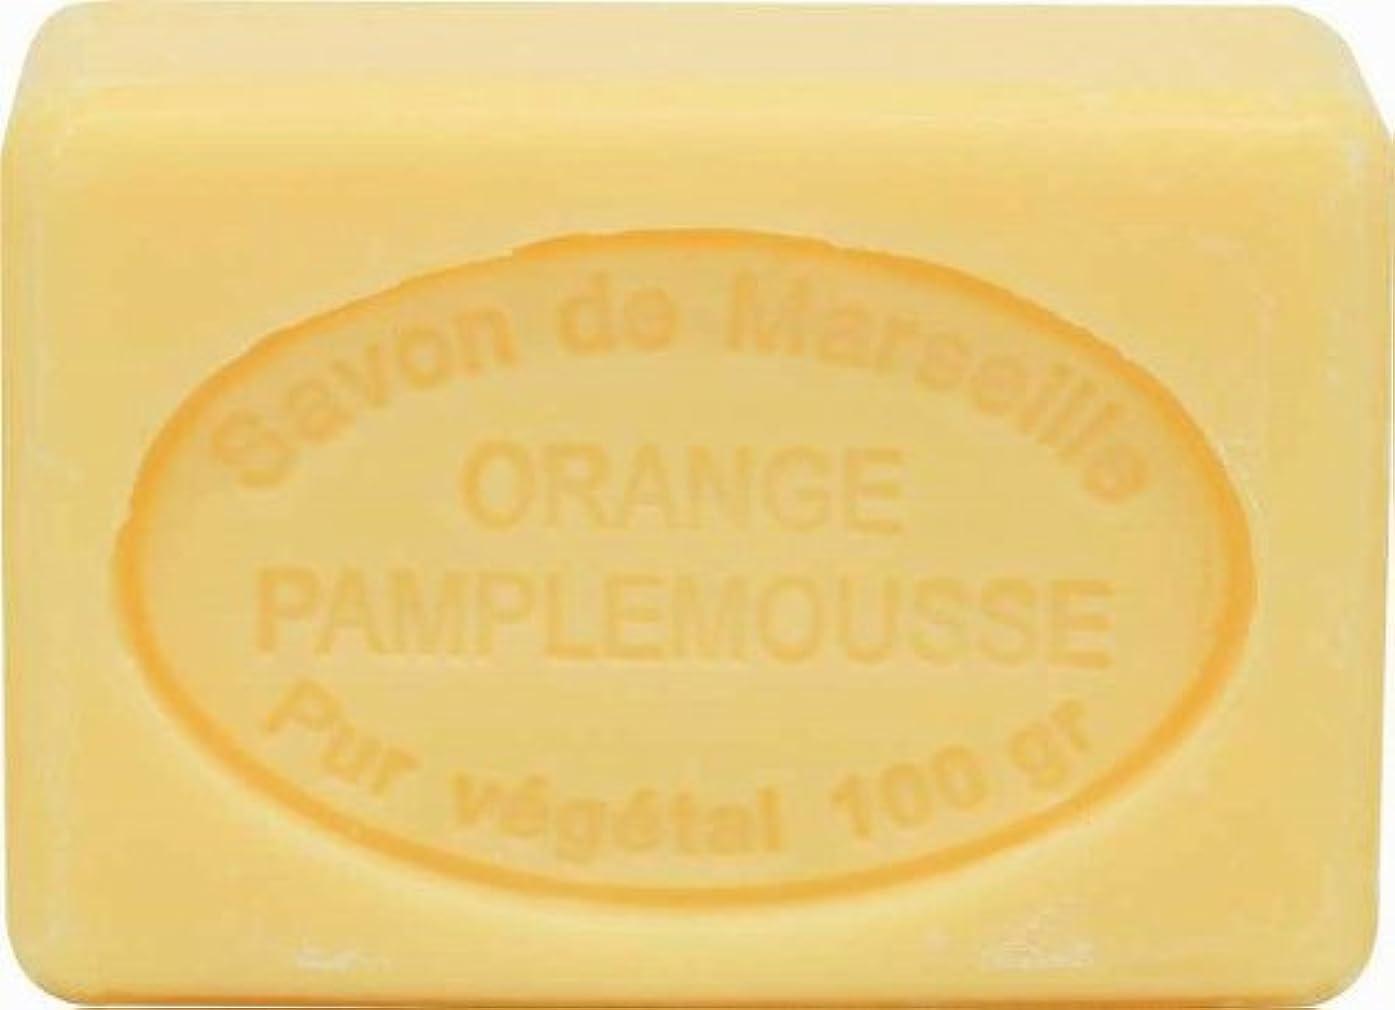 アイザック夜間胸ル?シャトゥラール ソープ 100g オレンジグレープフルーツ SAVON 100